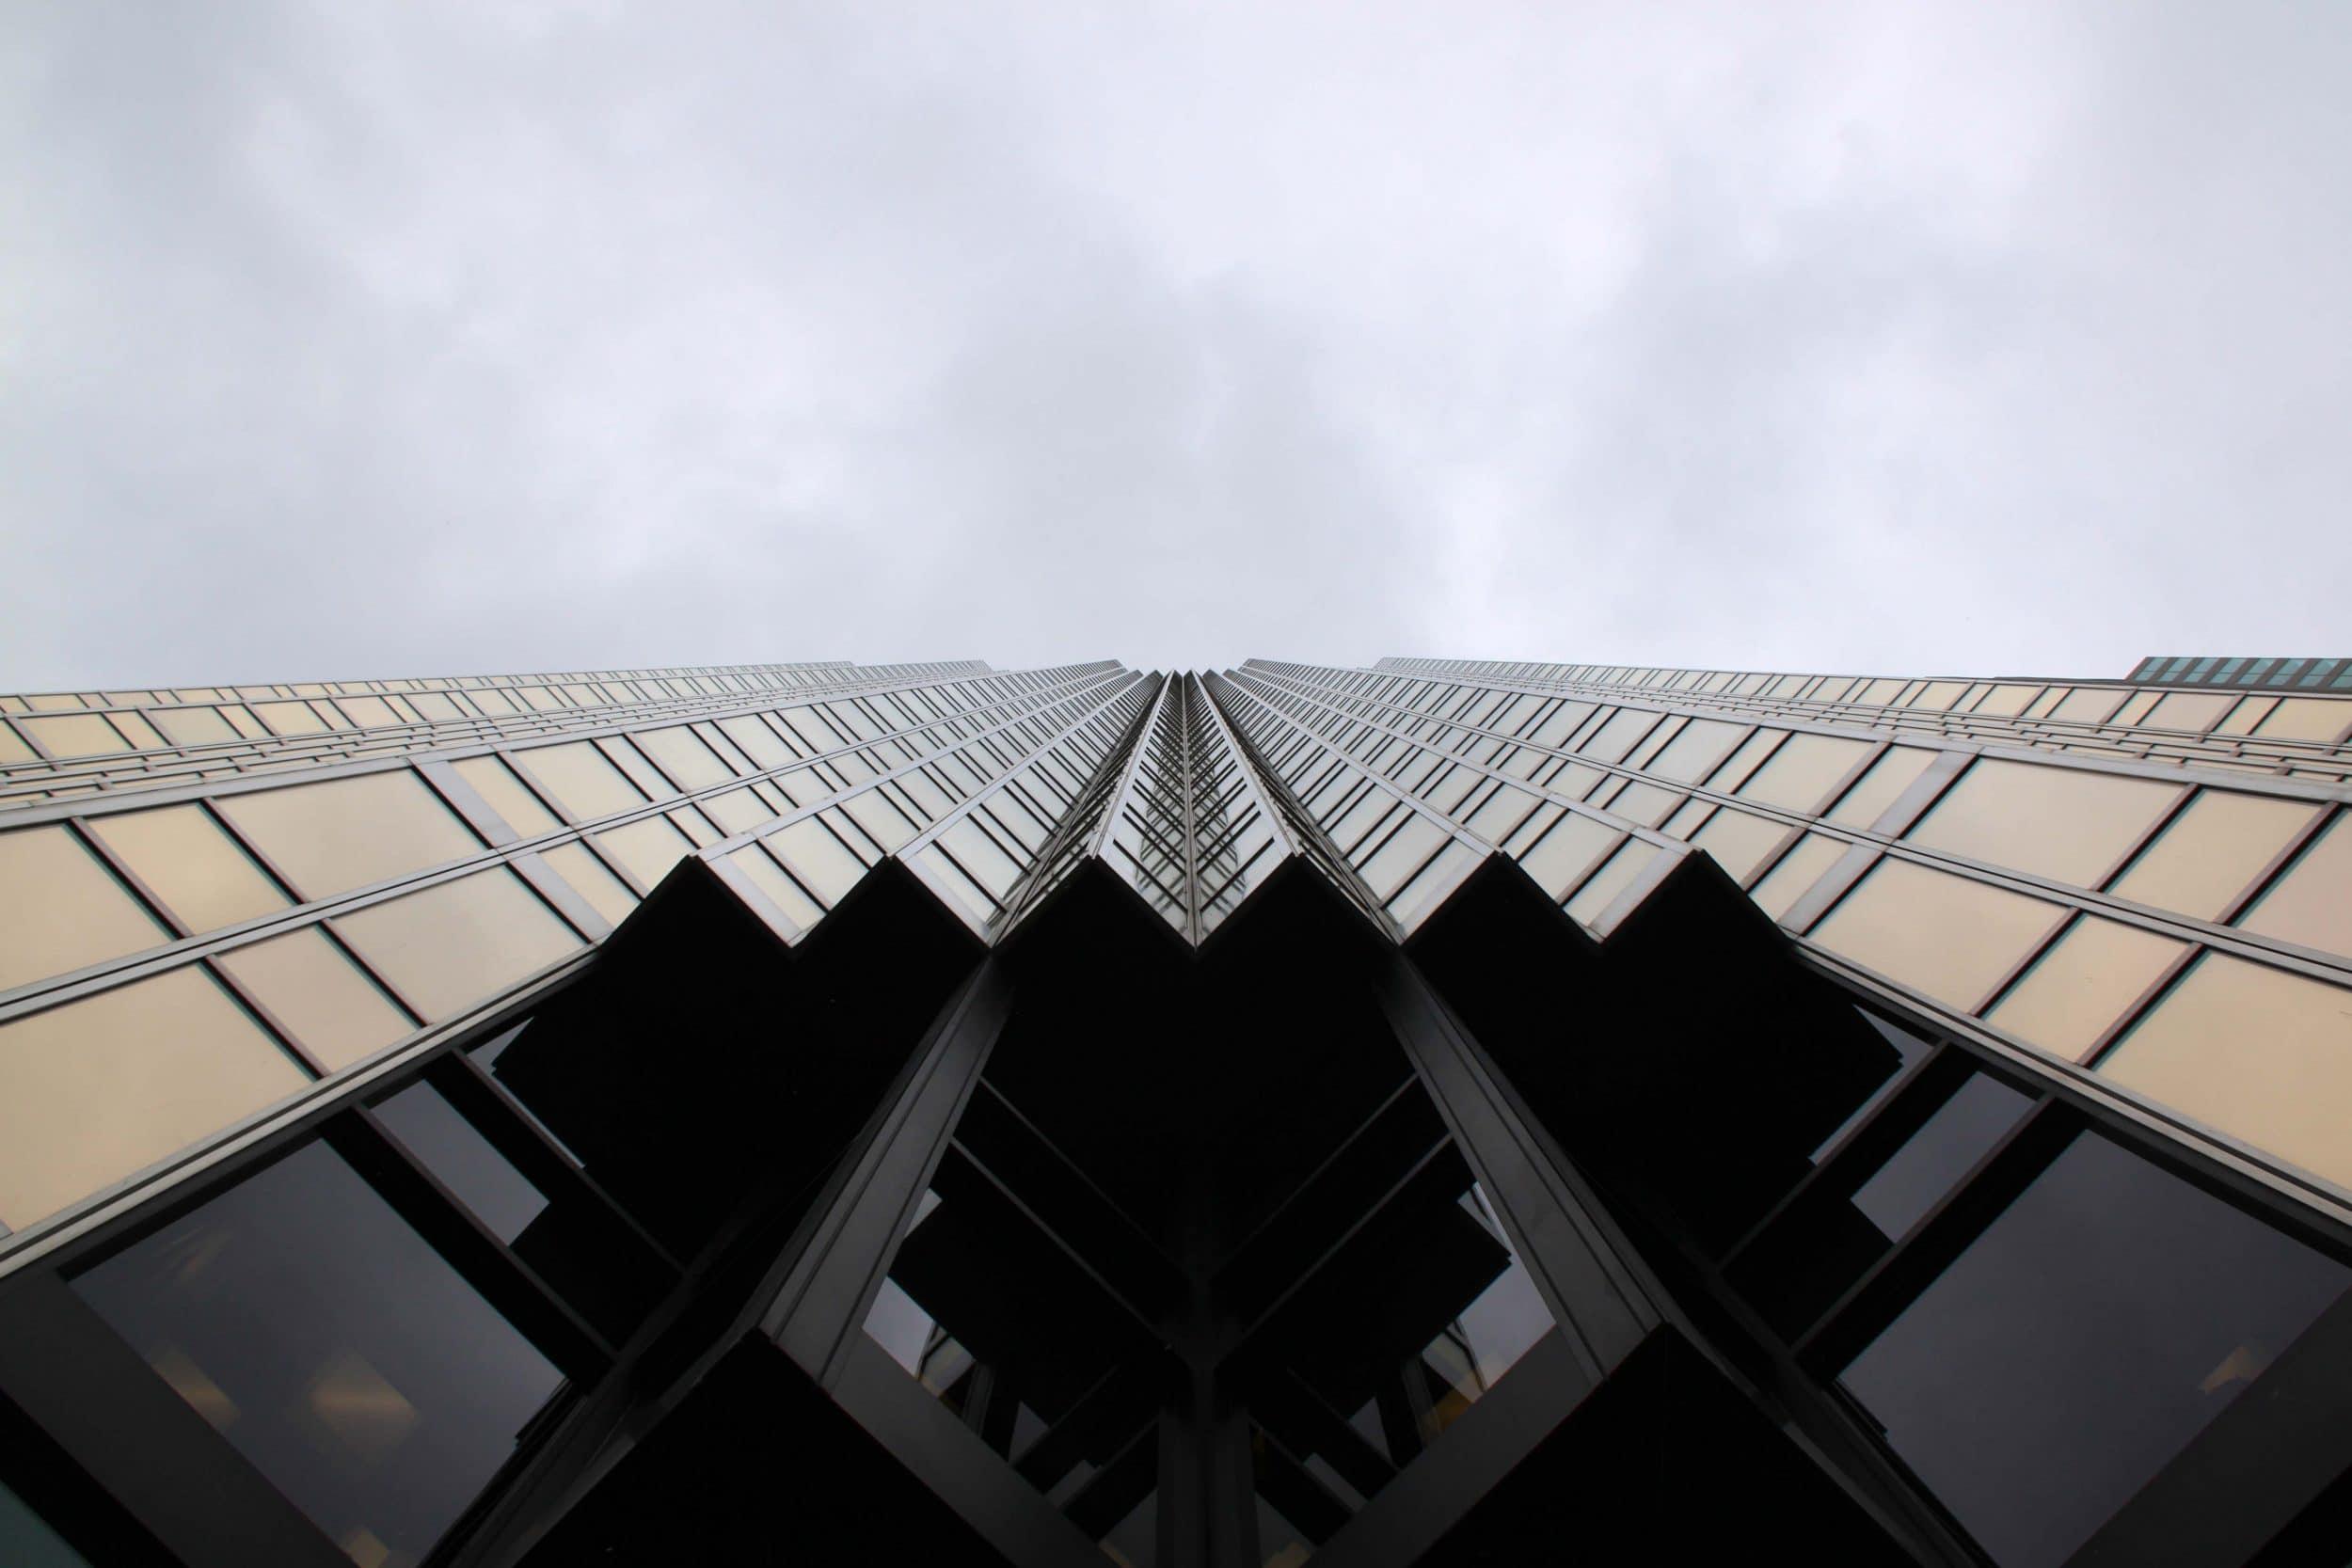 Financial Building In Toronto